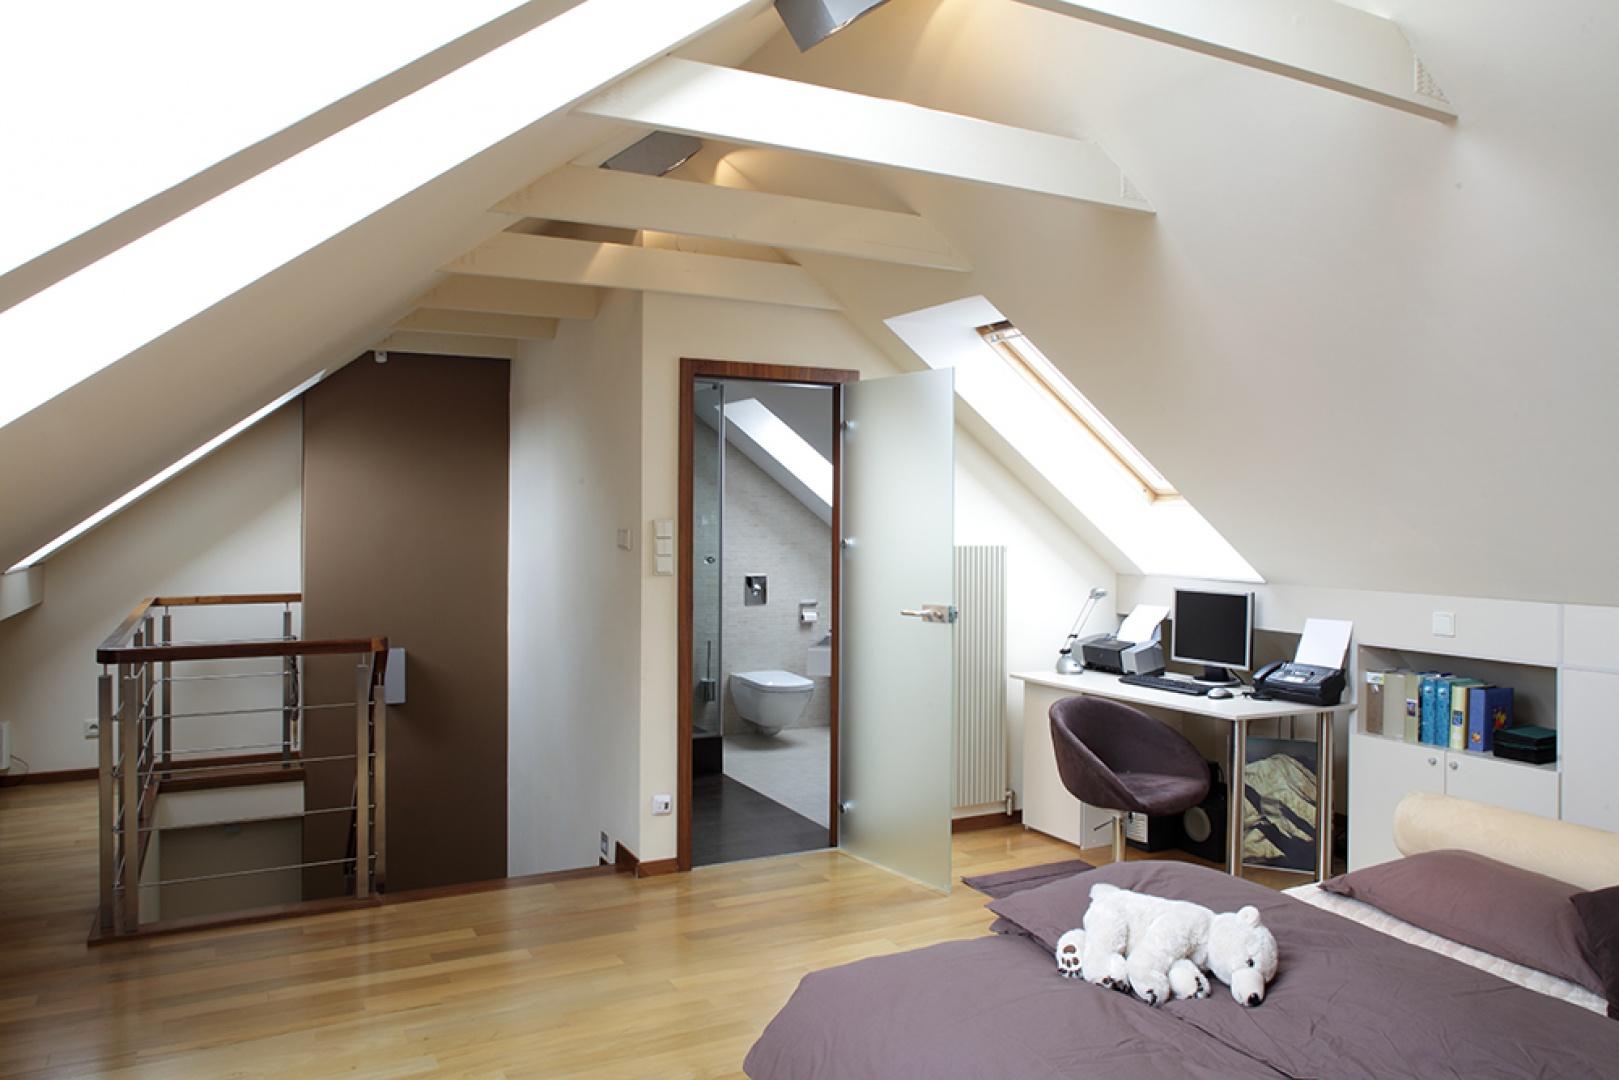 Naturalne materiały oraz beżowo-brązowa paleta barw dominują w całym domu. W identycznym stylu została urządzona także łazienka na poddaszu. Fot. Tomasz Markowski.